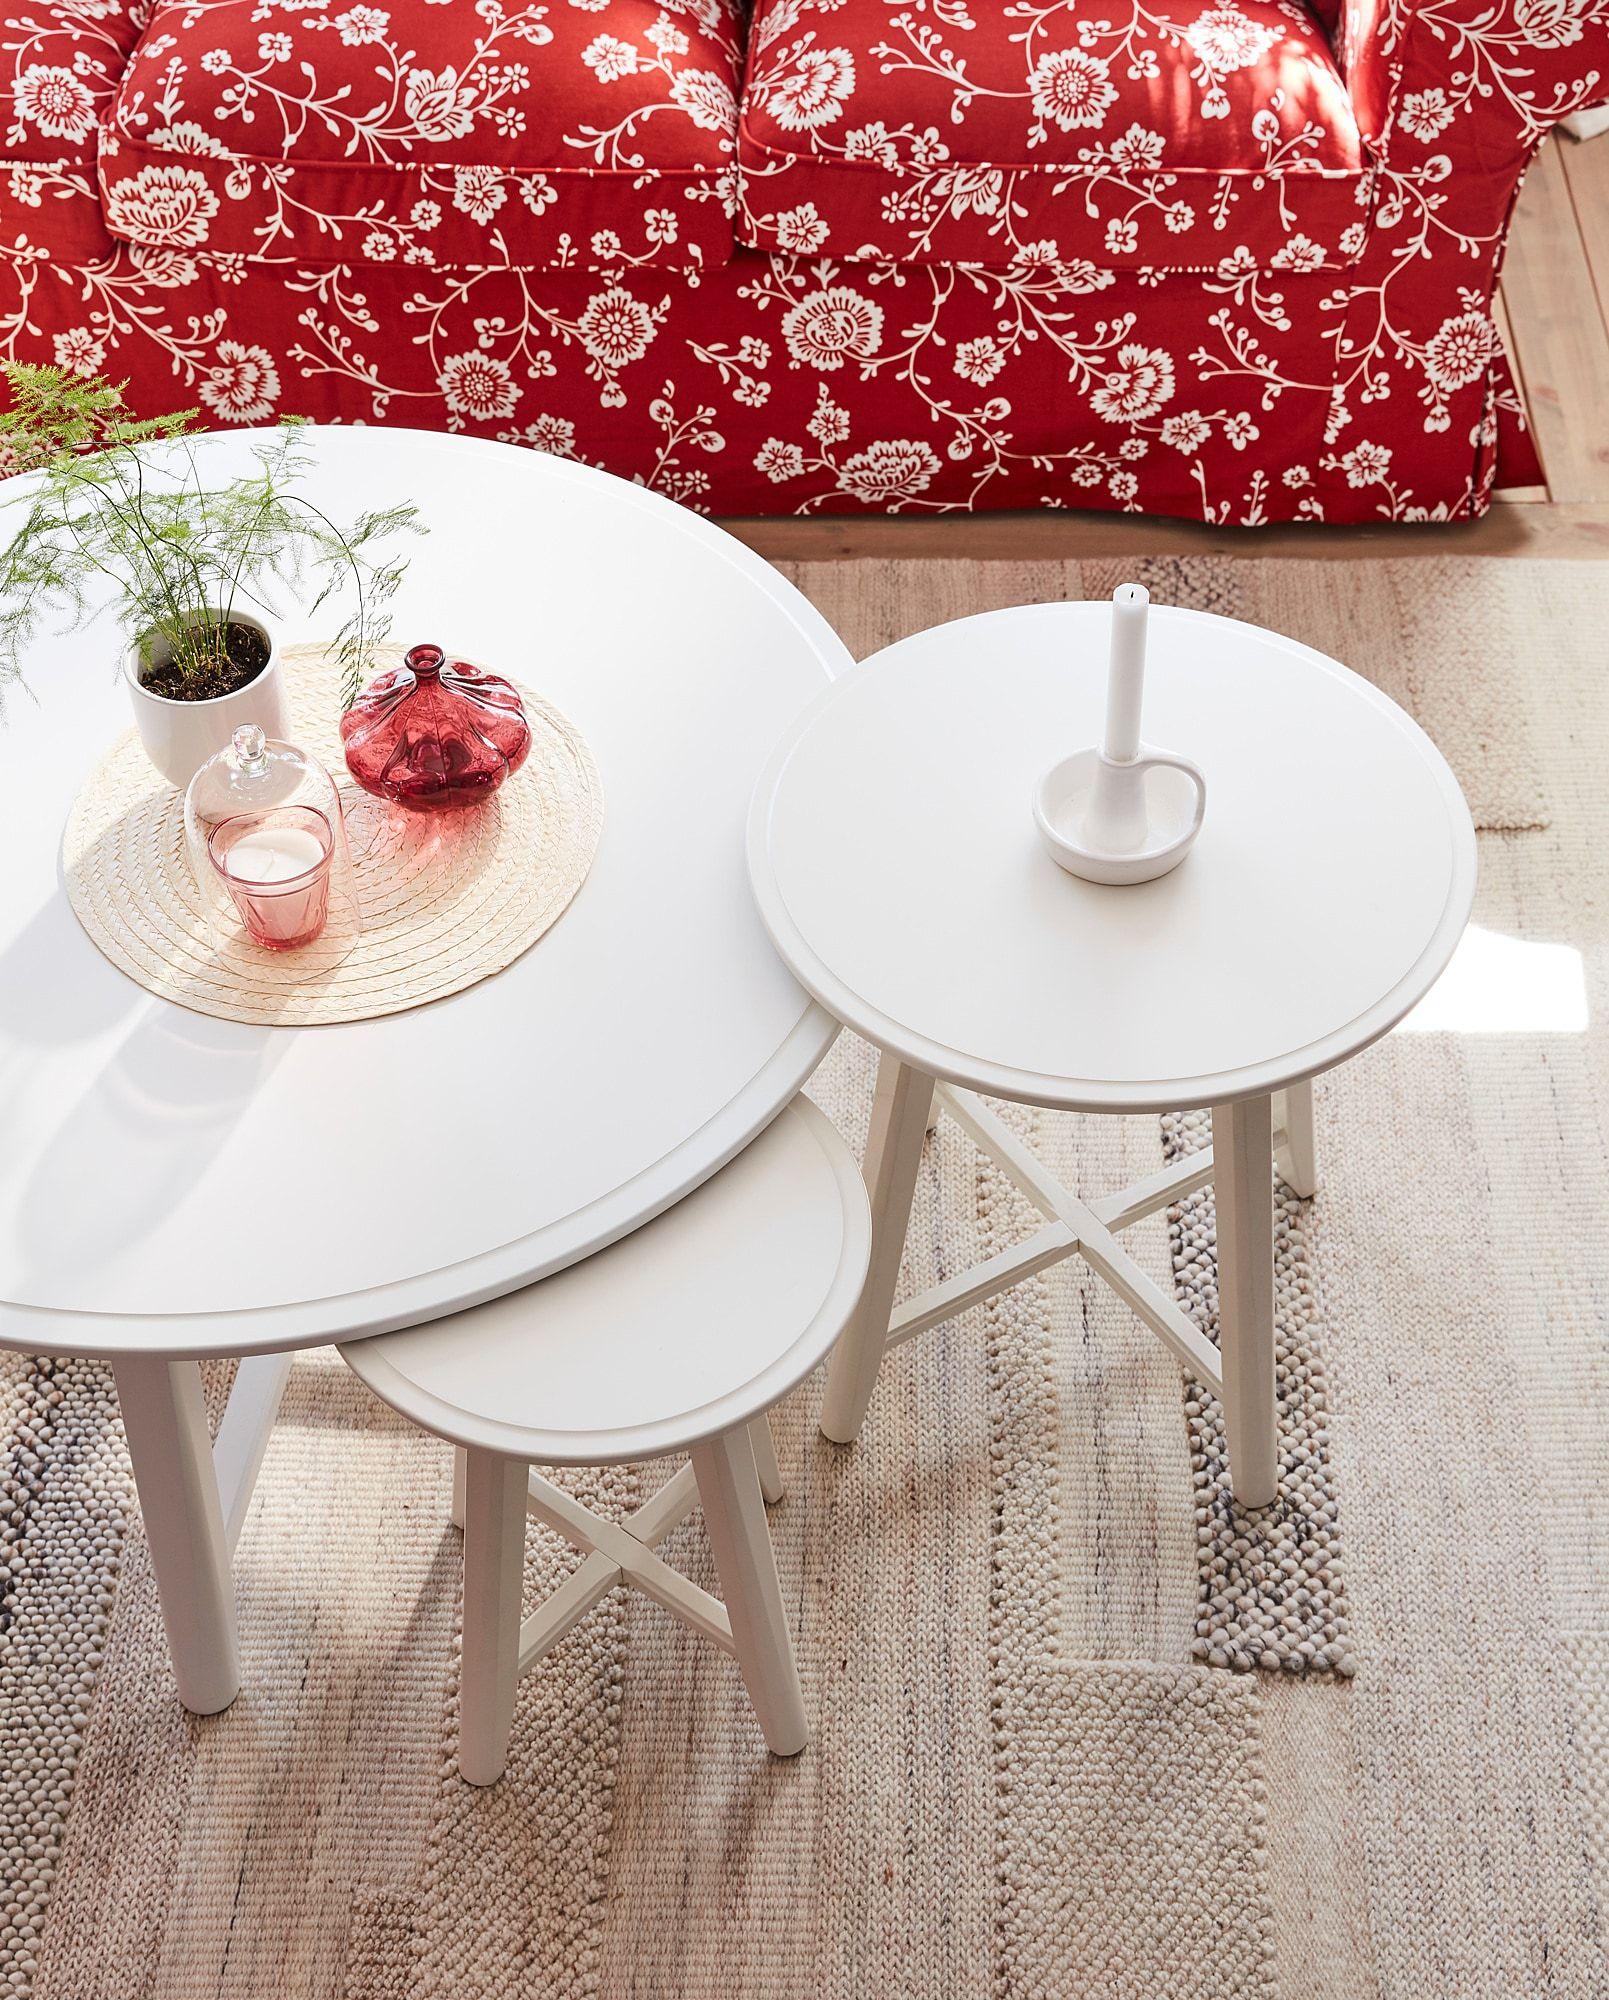 20 Awesome Ikea Rattan Coffee Table 2017 Ikea Coffee Table White Round Coffee Table Coffee Table With Drawers [ 1284 x 1284 Pixel ]